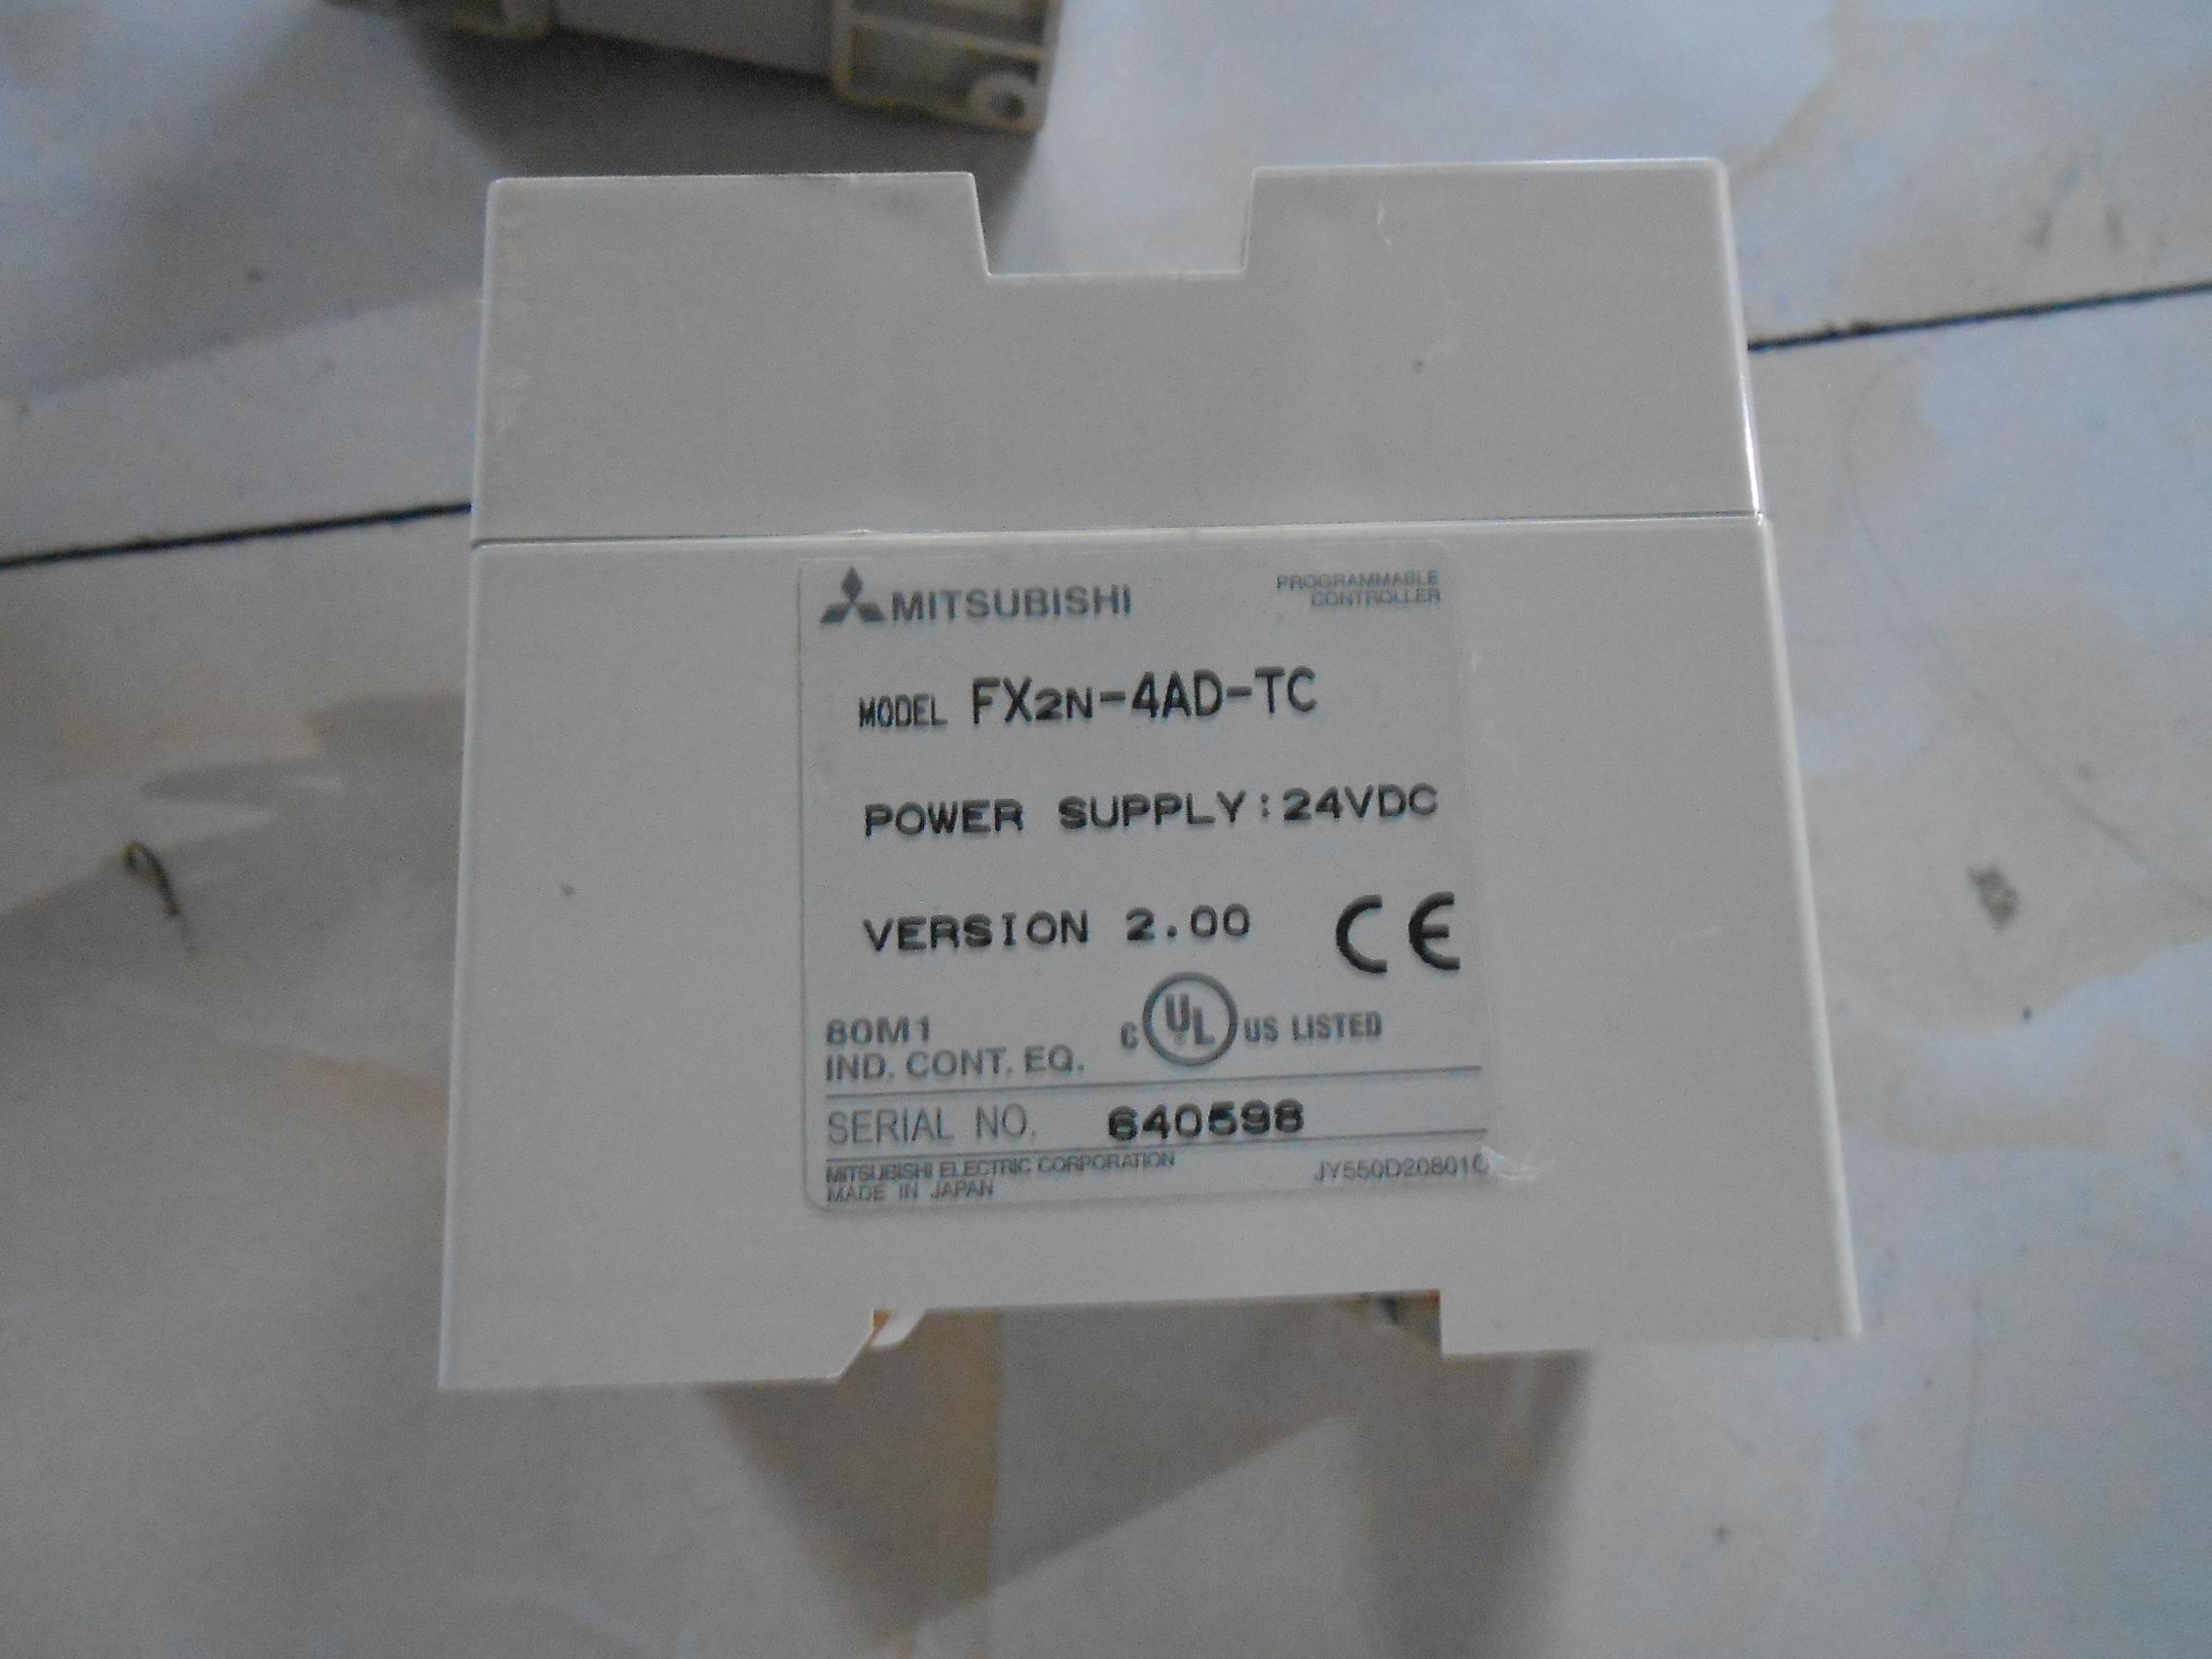 中古GEMAXの代購FX2N-4AD-TC実物図引合三菱PLCモジュール